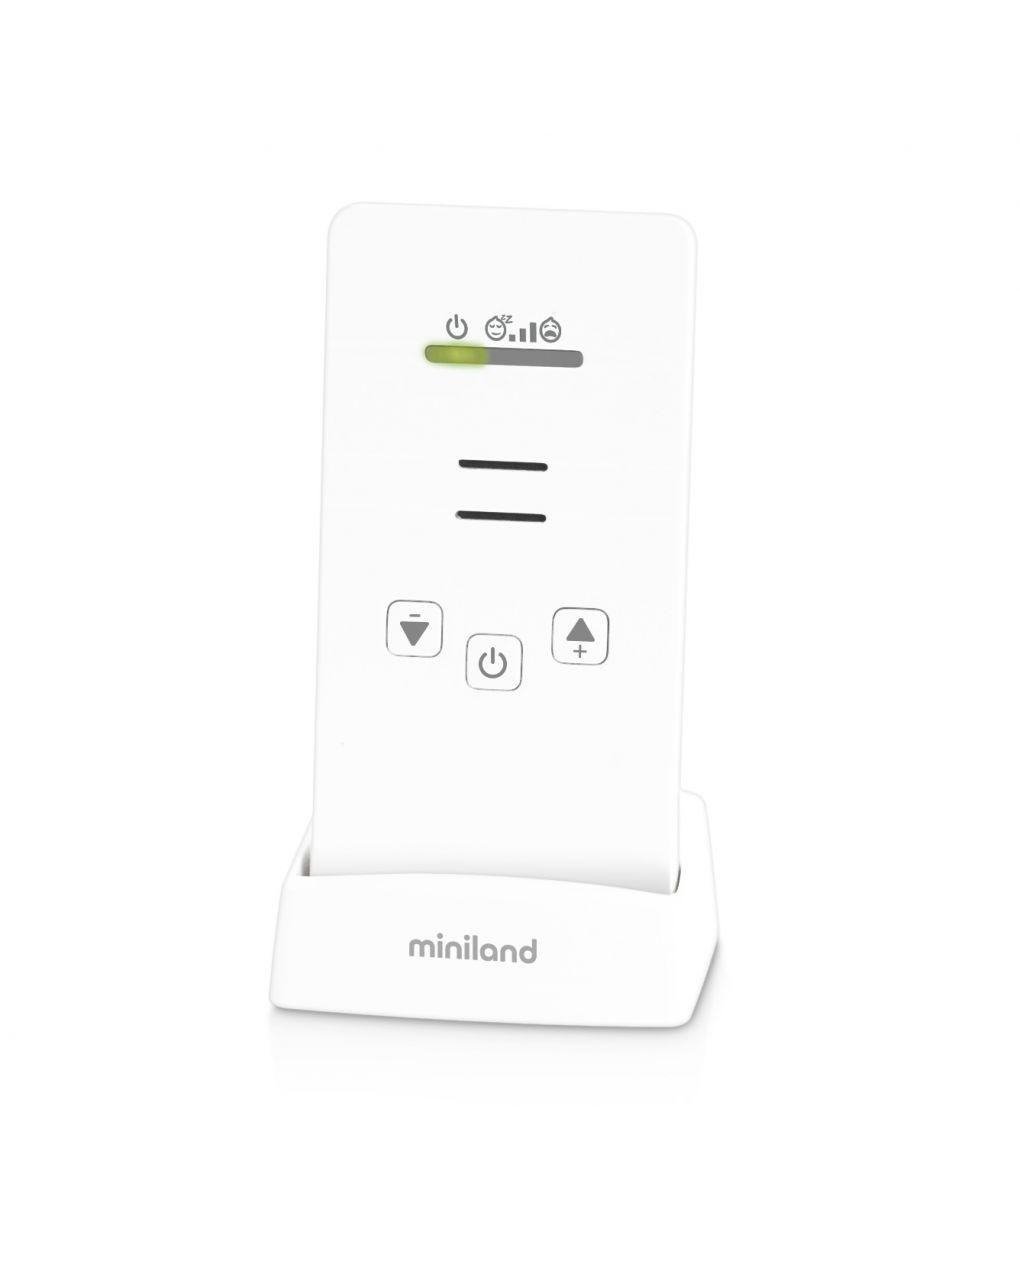 Digitalk easy - Miniland